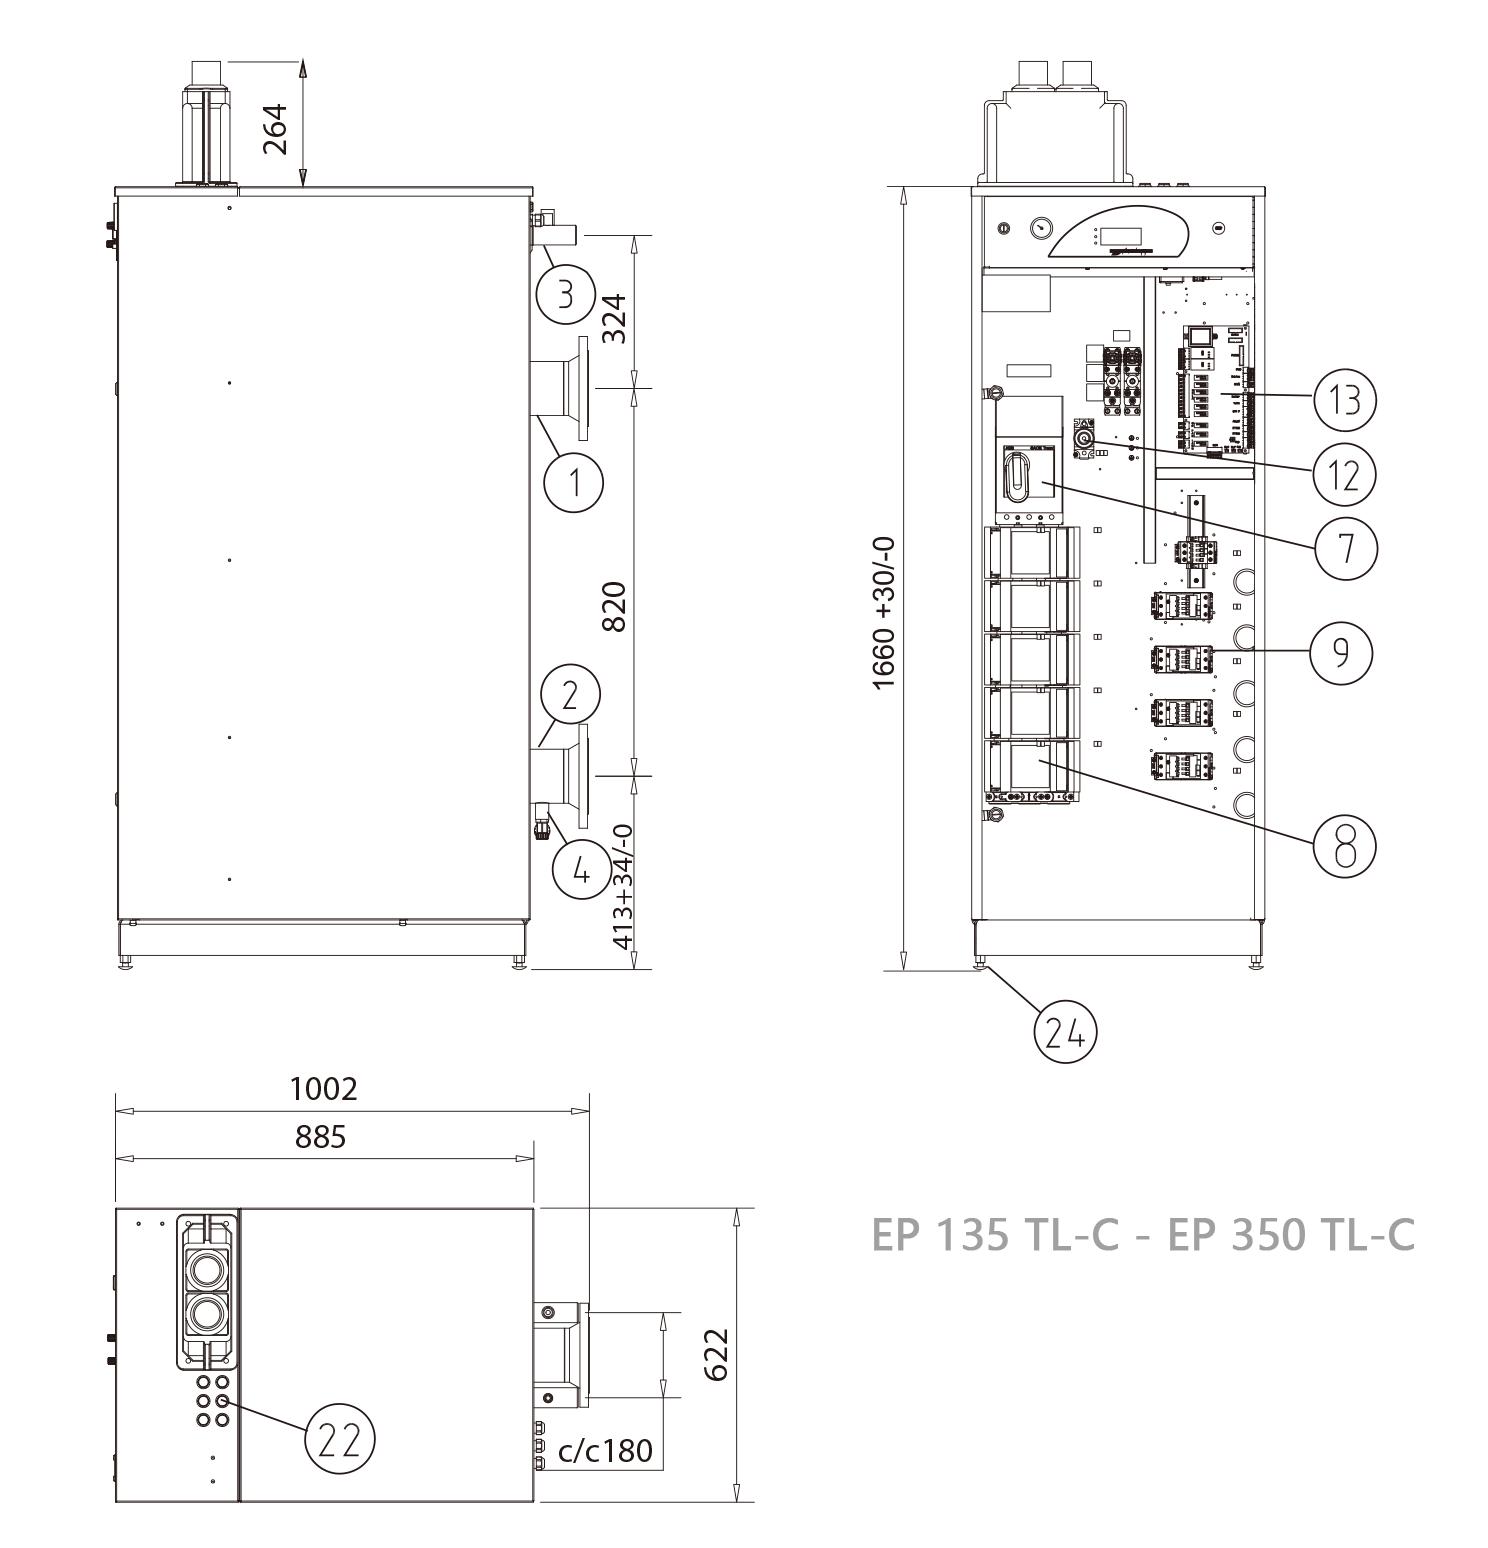 威美博尼商用电热水模块锅炉EP 112-350 TL-C